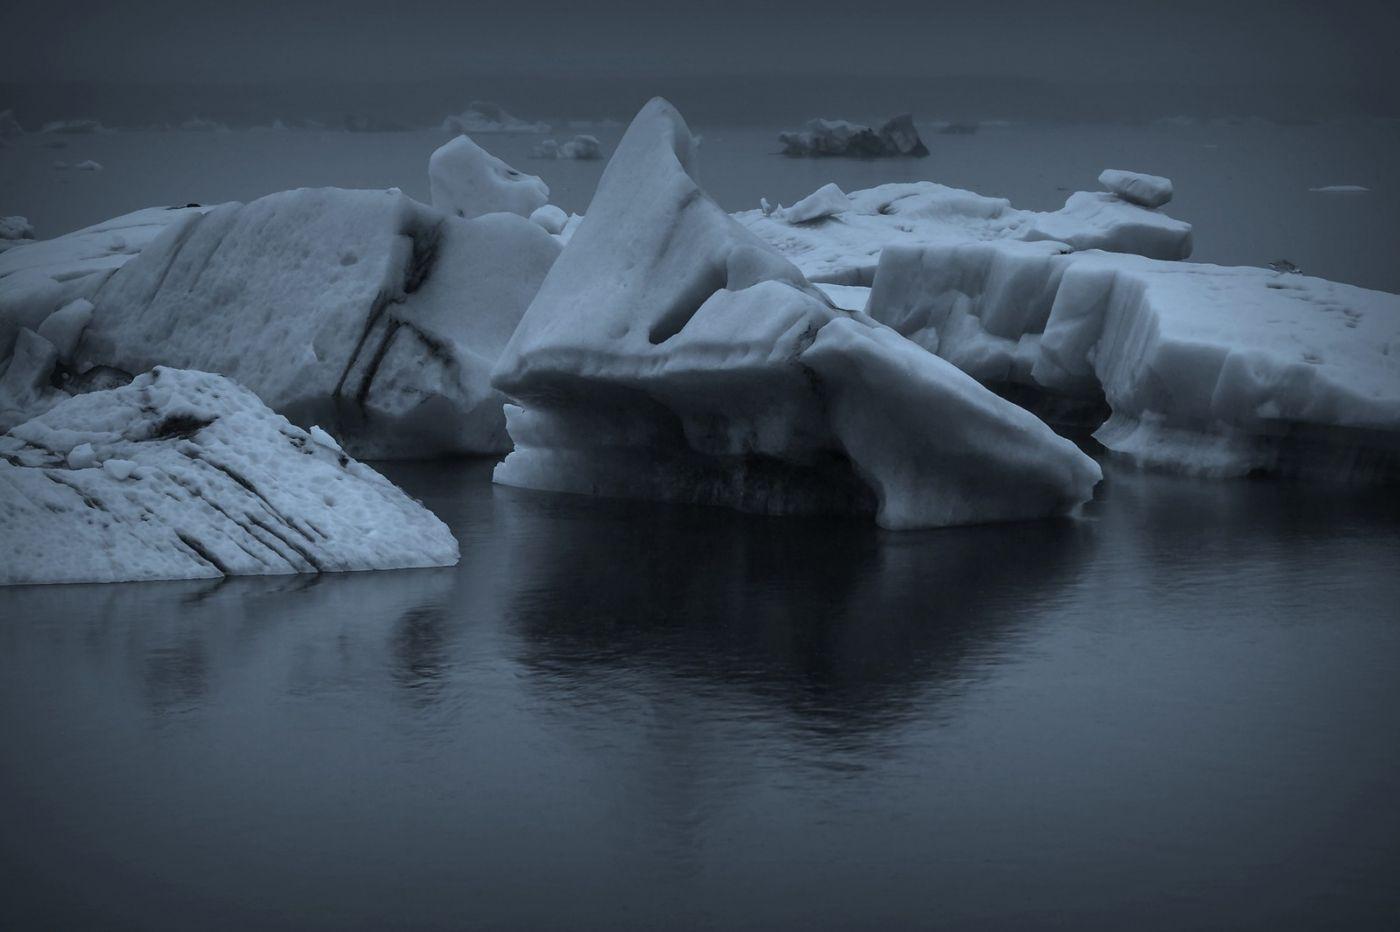 冰岛冰川泻湖(Glacier Lagoon), 湖面上冰川_图1-11